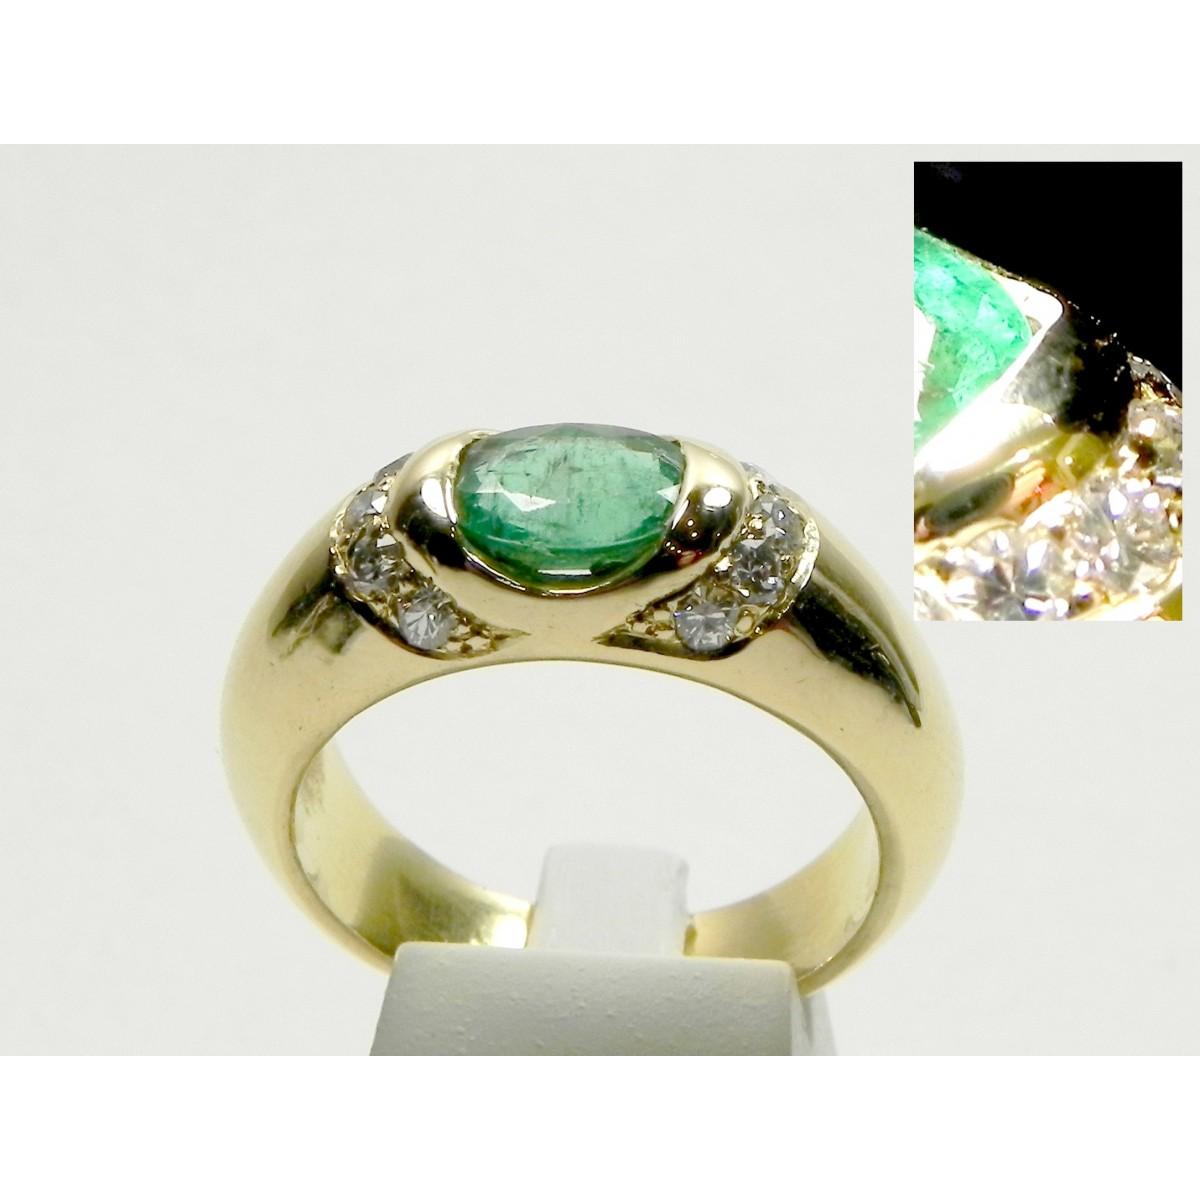 Souvent Bague jonc moderne or jaune, diamants émeraude - Muse & Or UR35